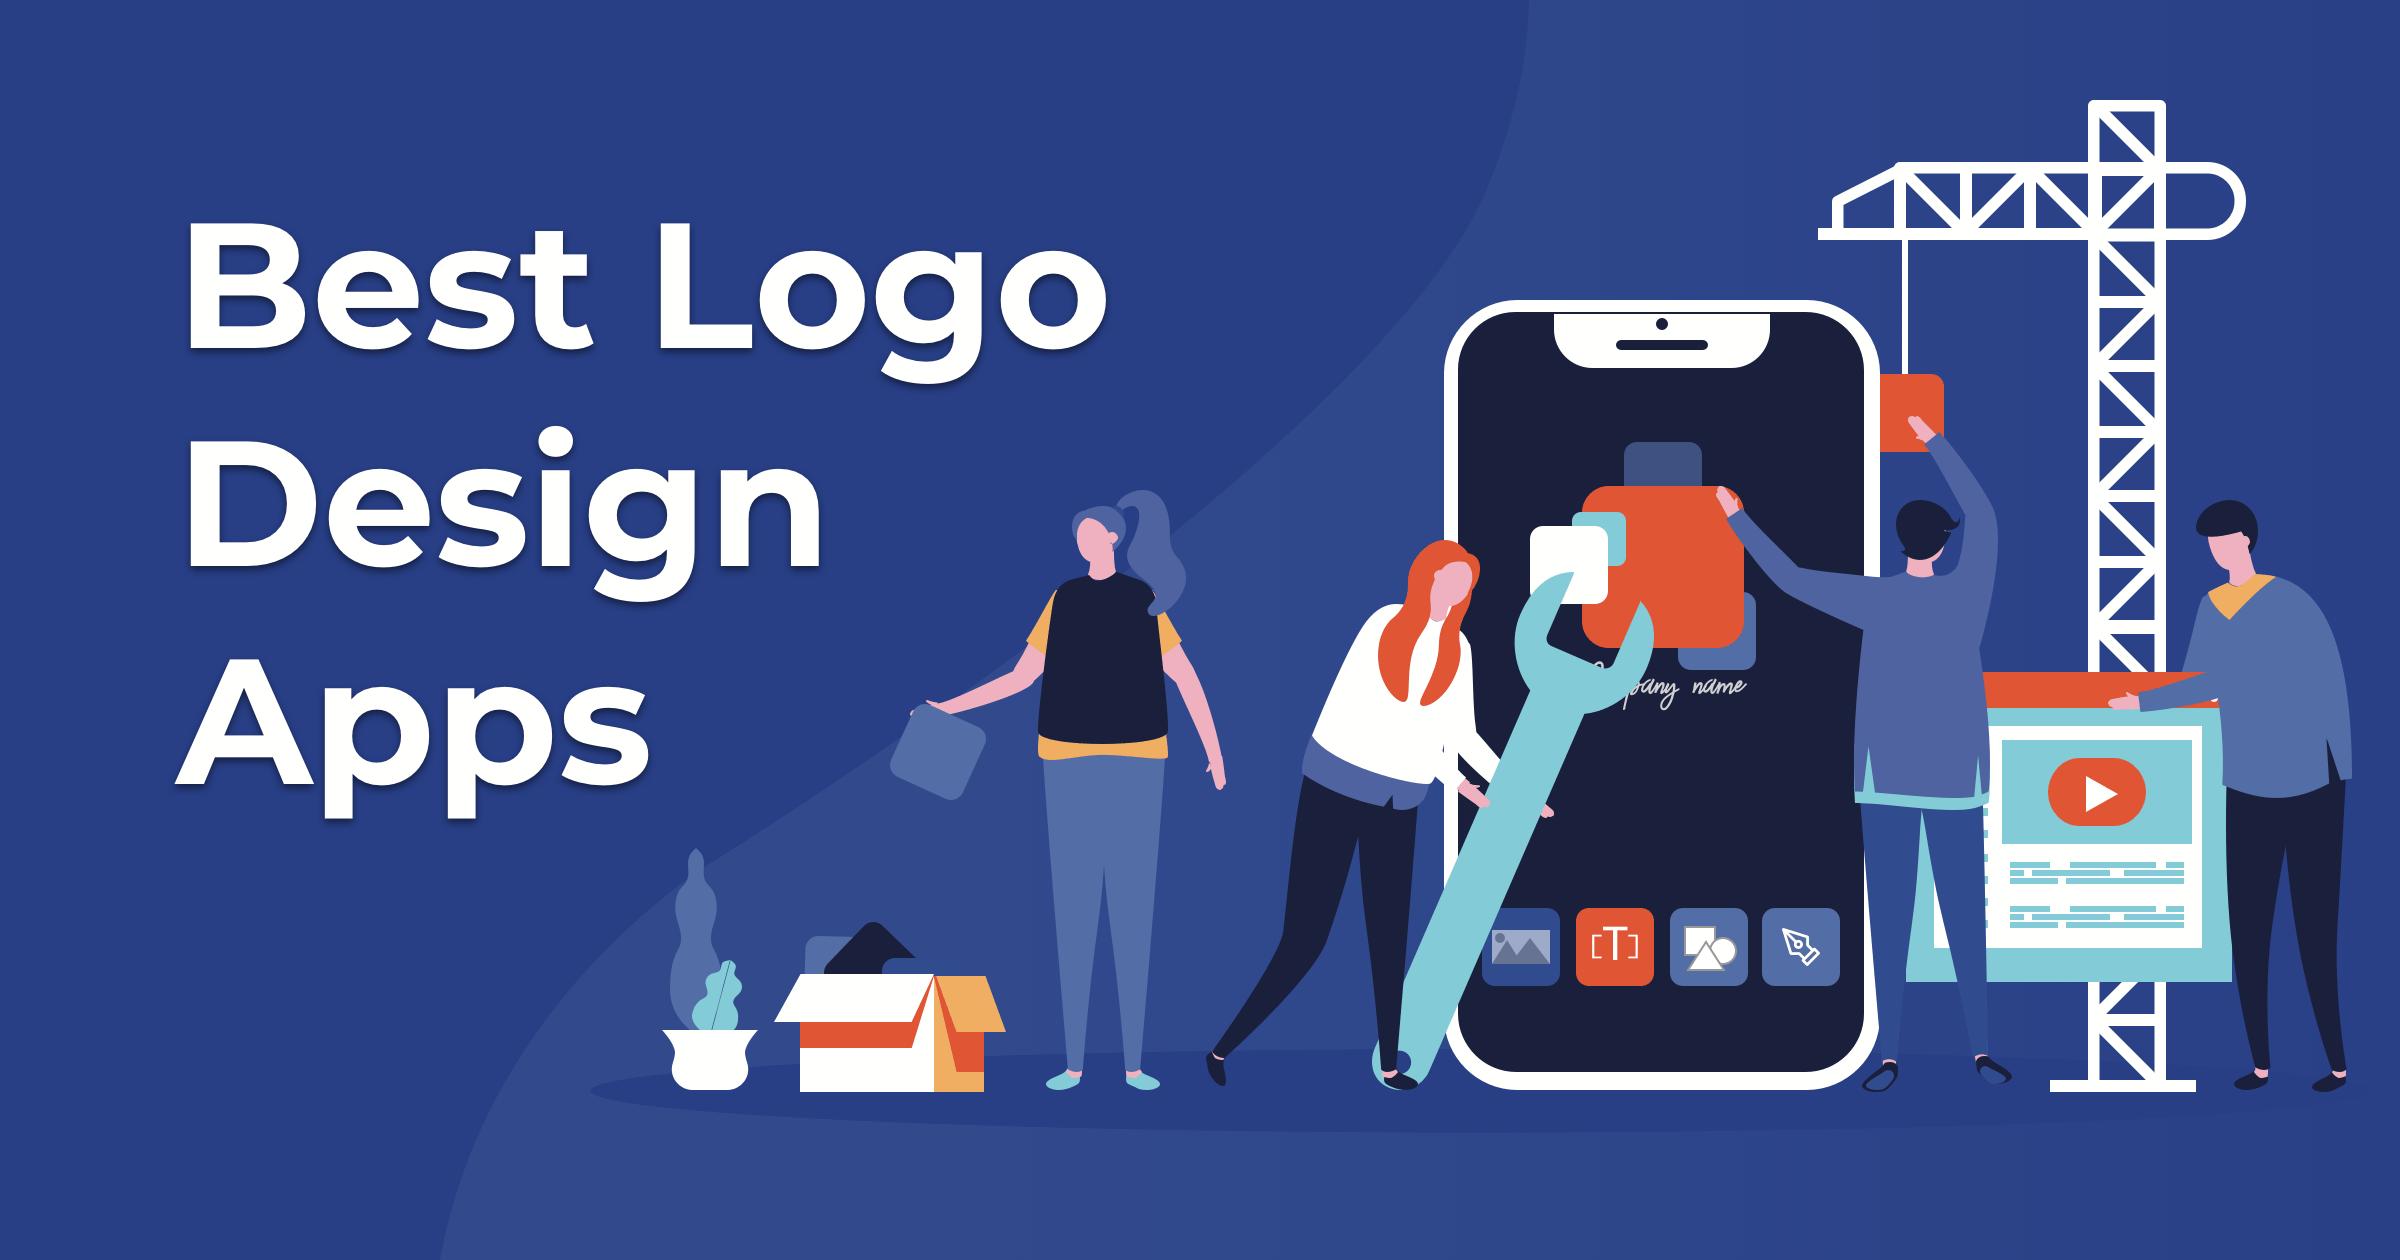 Best Logo Design App: 5 Best Logo Design Mobile Apps for Android 6 iPhone in 2019rh:websiteplanet.com,Design